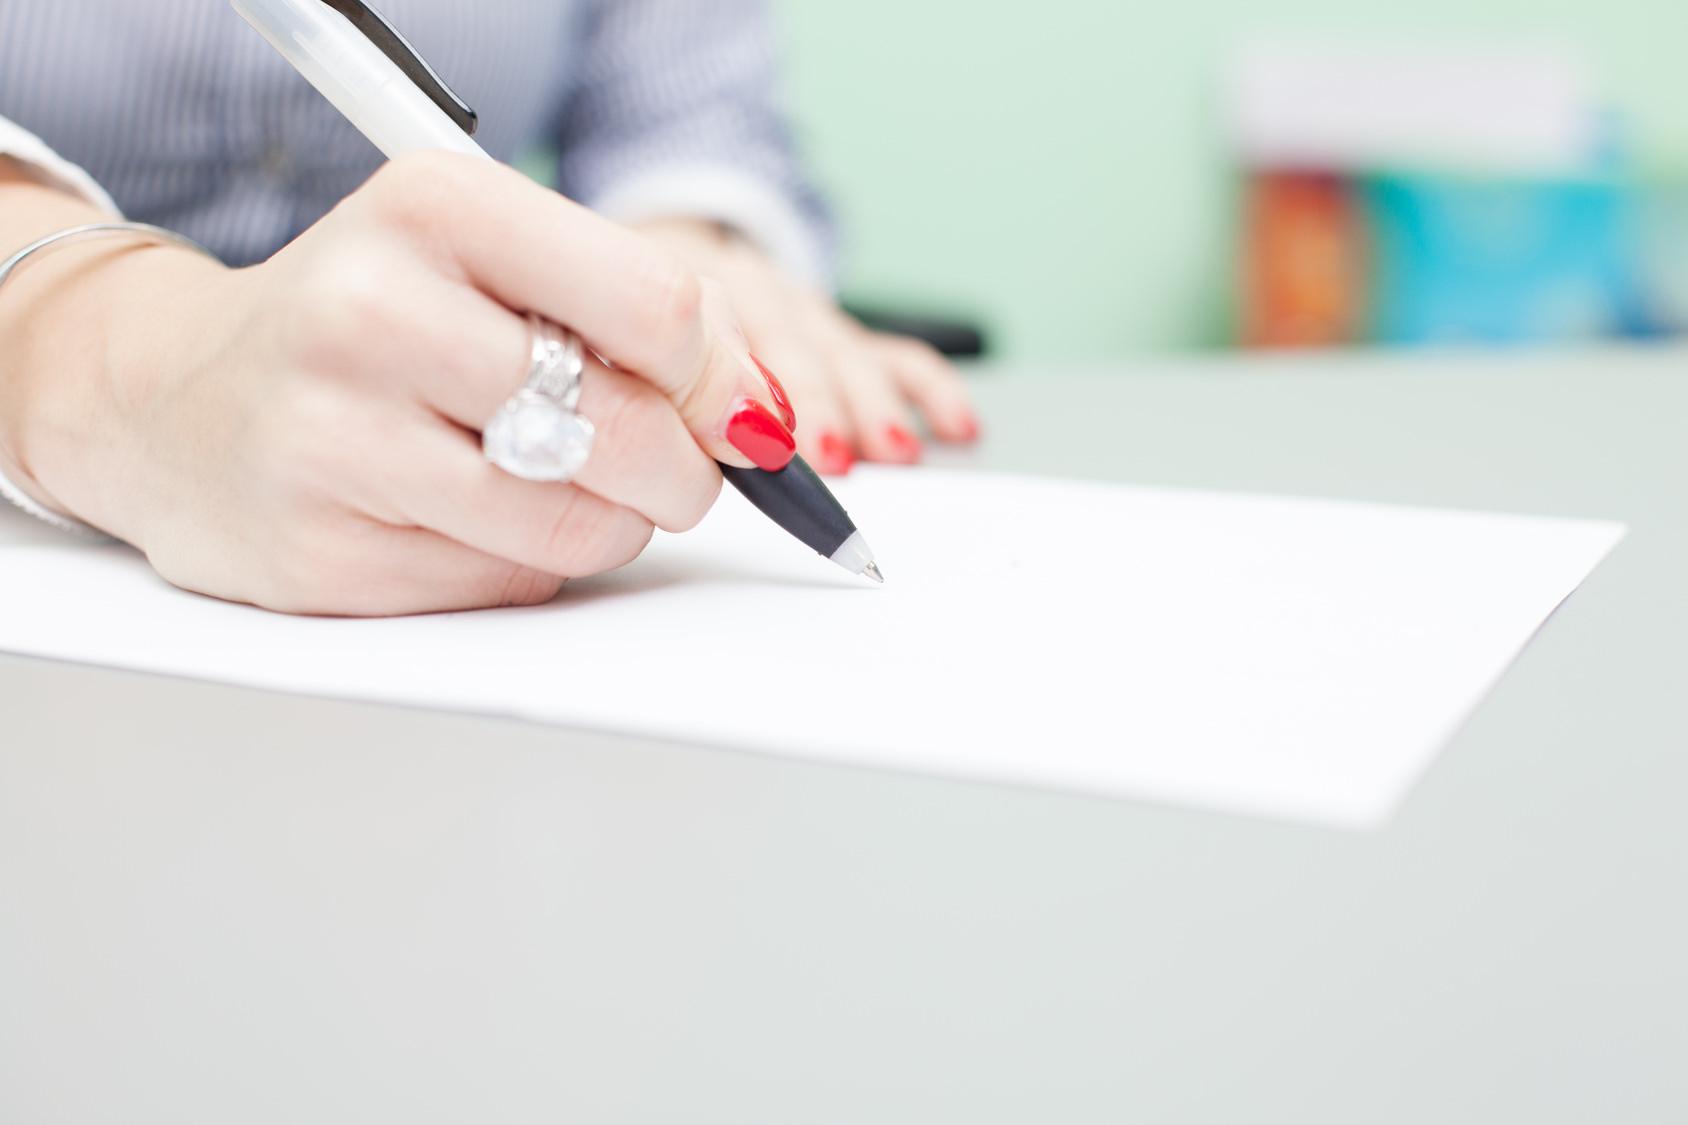 Пишем заявление на единовременное пособие правильно (фото: sneksy13 - Fotolia.com).